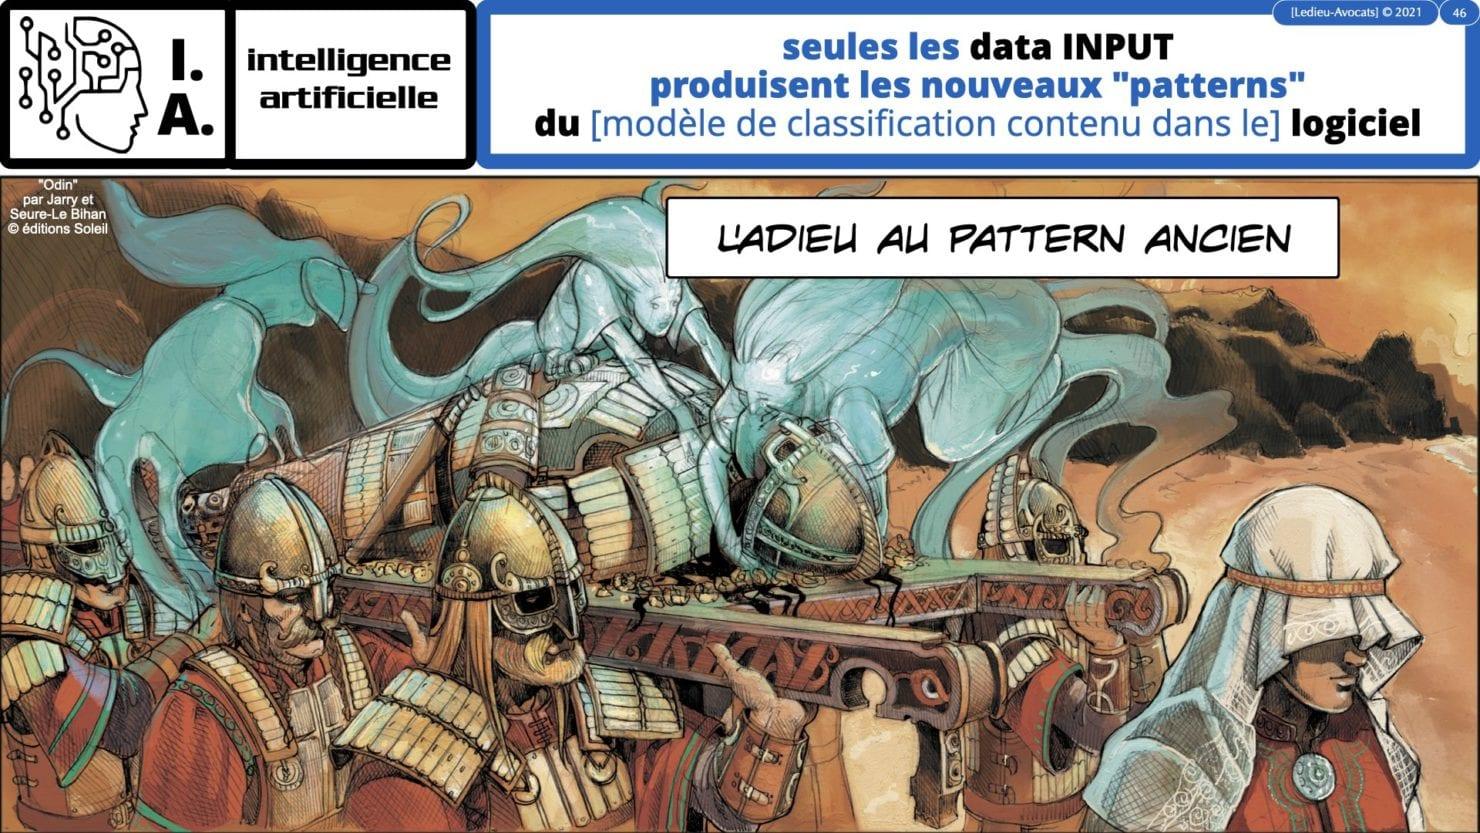 335 Intelligence Artificielle 2021 et AI Act [projet de Règlement UE] deep learning machine learning © Ledieu-Avocats 04-06-2021 *16:9*.046